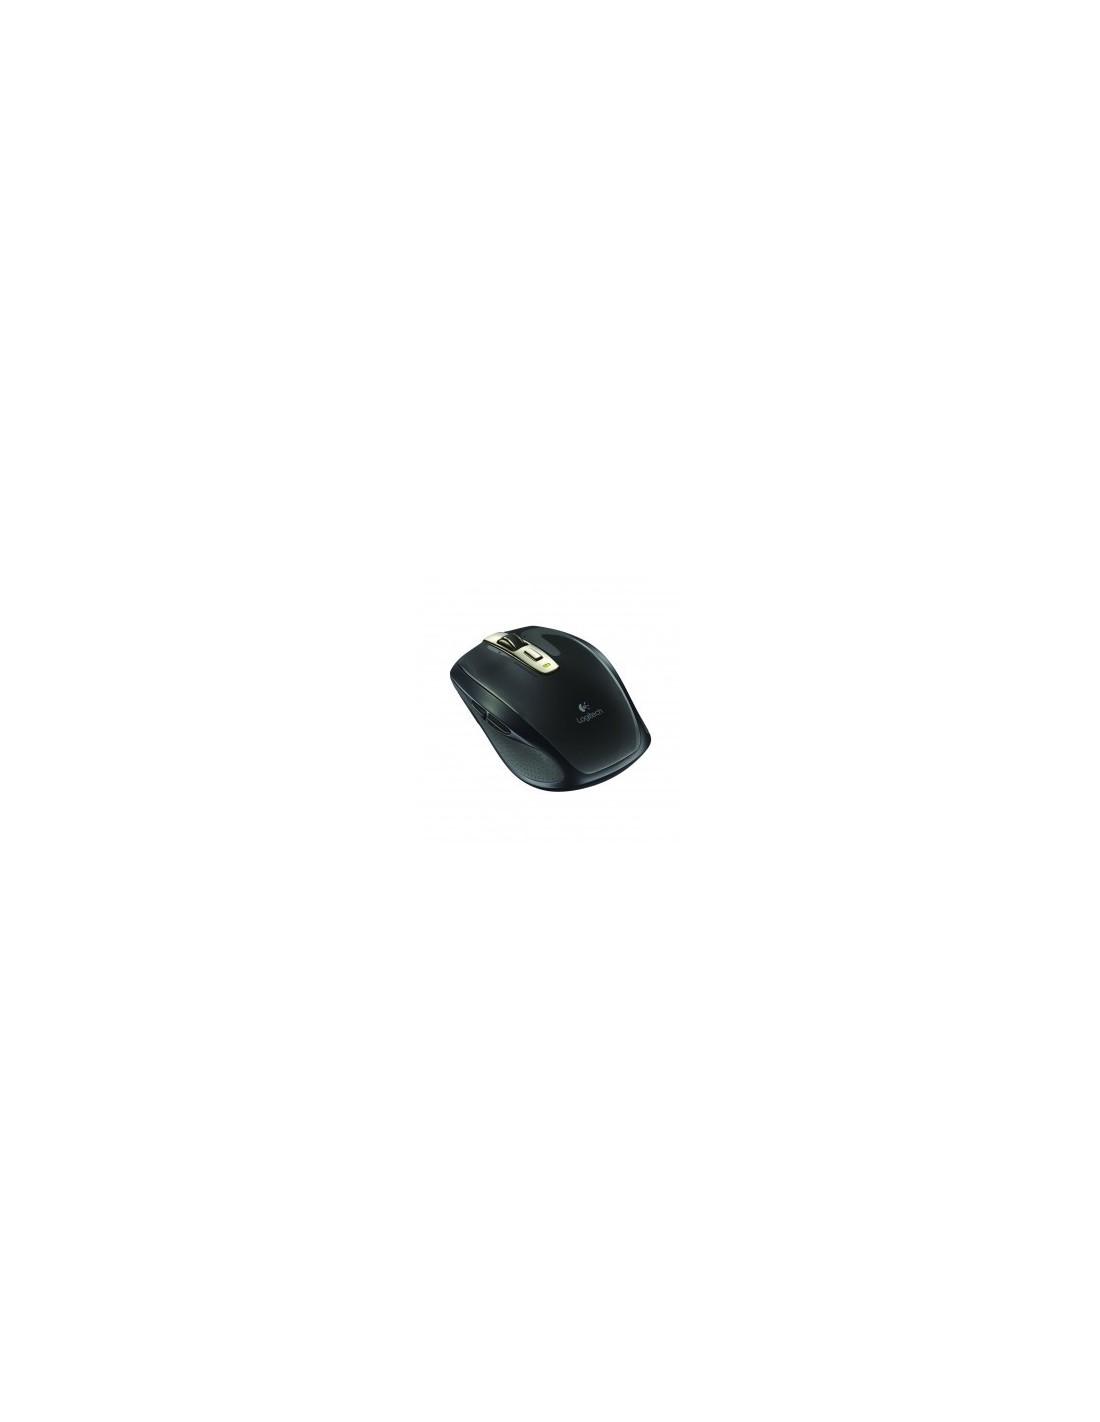 souris d ordinateur anywhere mouse mx 2 4 ghz r cepteur sans fil usb noir. Black Bedroom Furniture Sets. Home Design Ideas